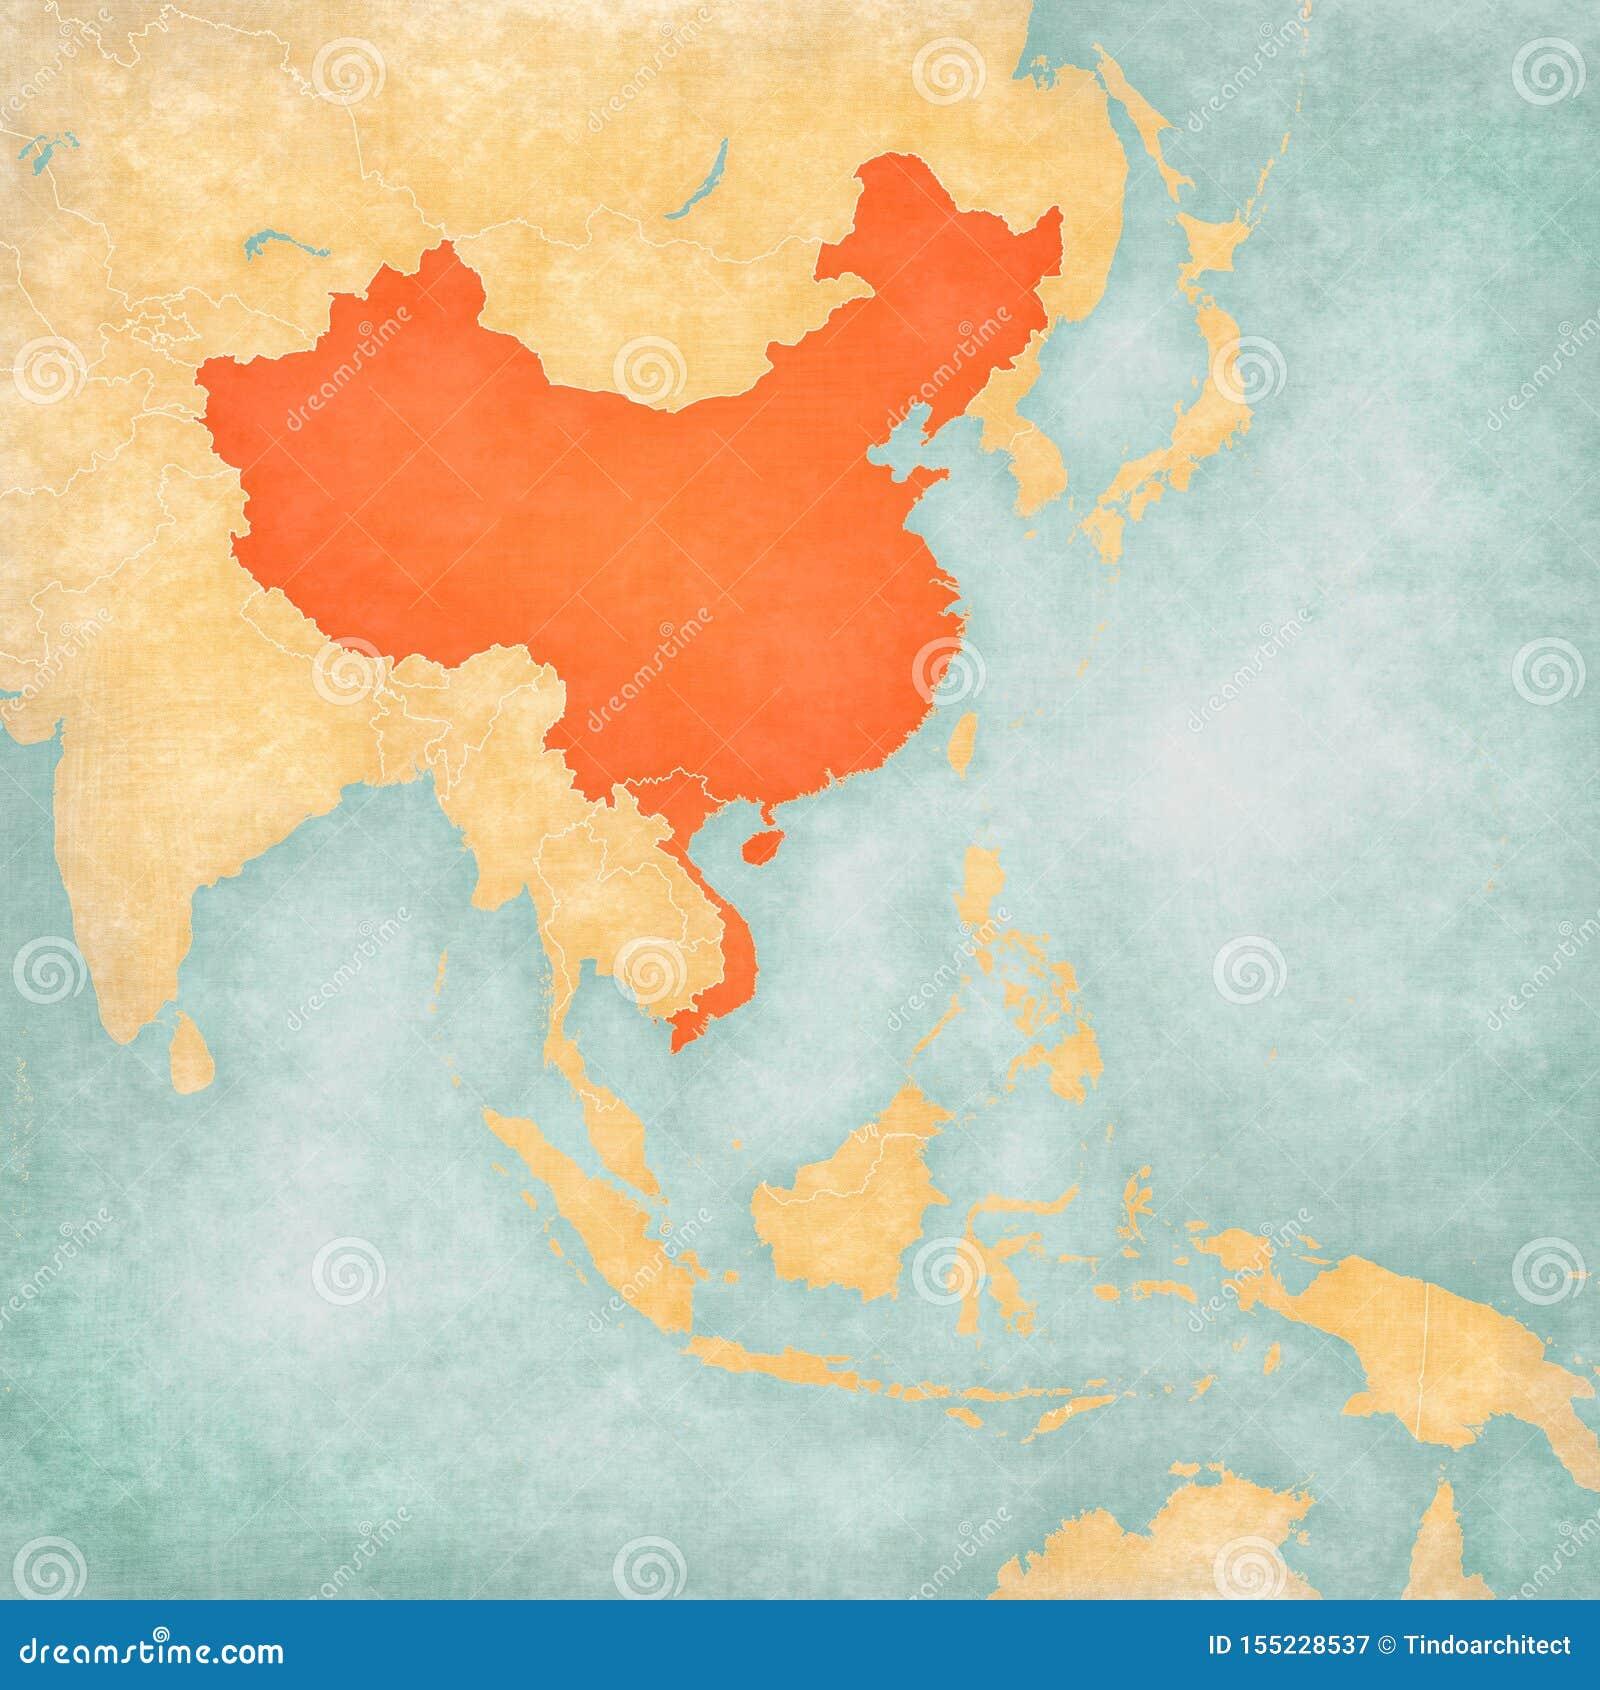 Cartina Dell Asia Orientale.Mappa Dell Asia Orientale La Cina Ed Il Vietnam Illustrazione Di Stock Illustrazione Di Grungy Annata 155228537